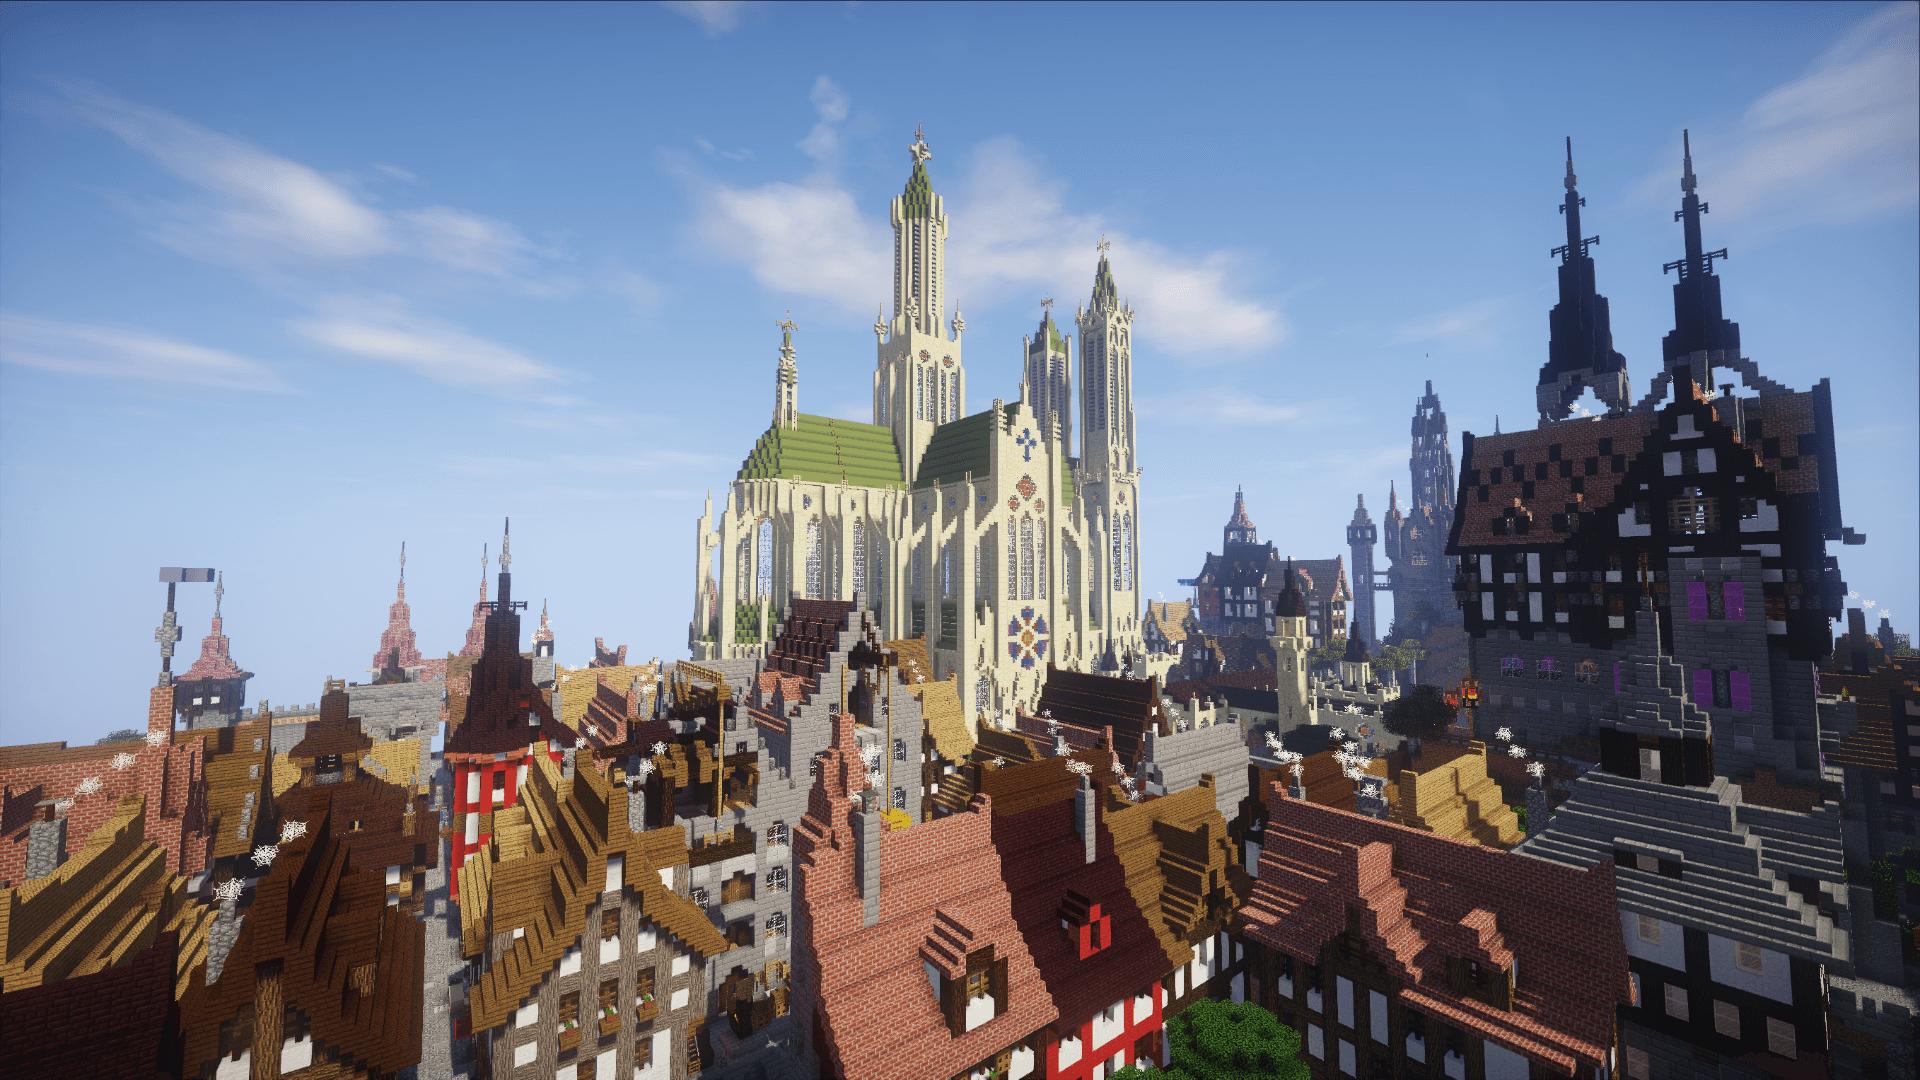 Mittelalterstadt Minecraft.png